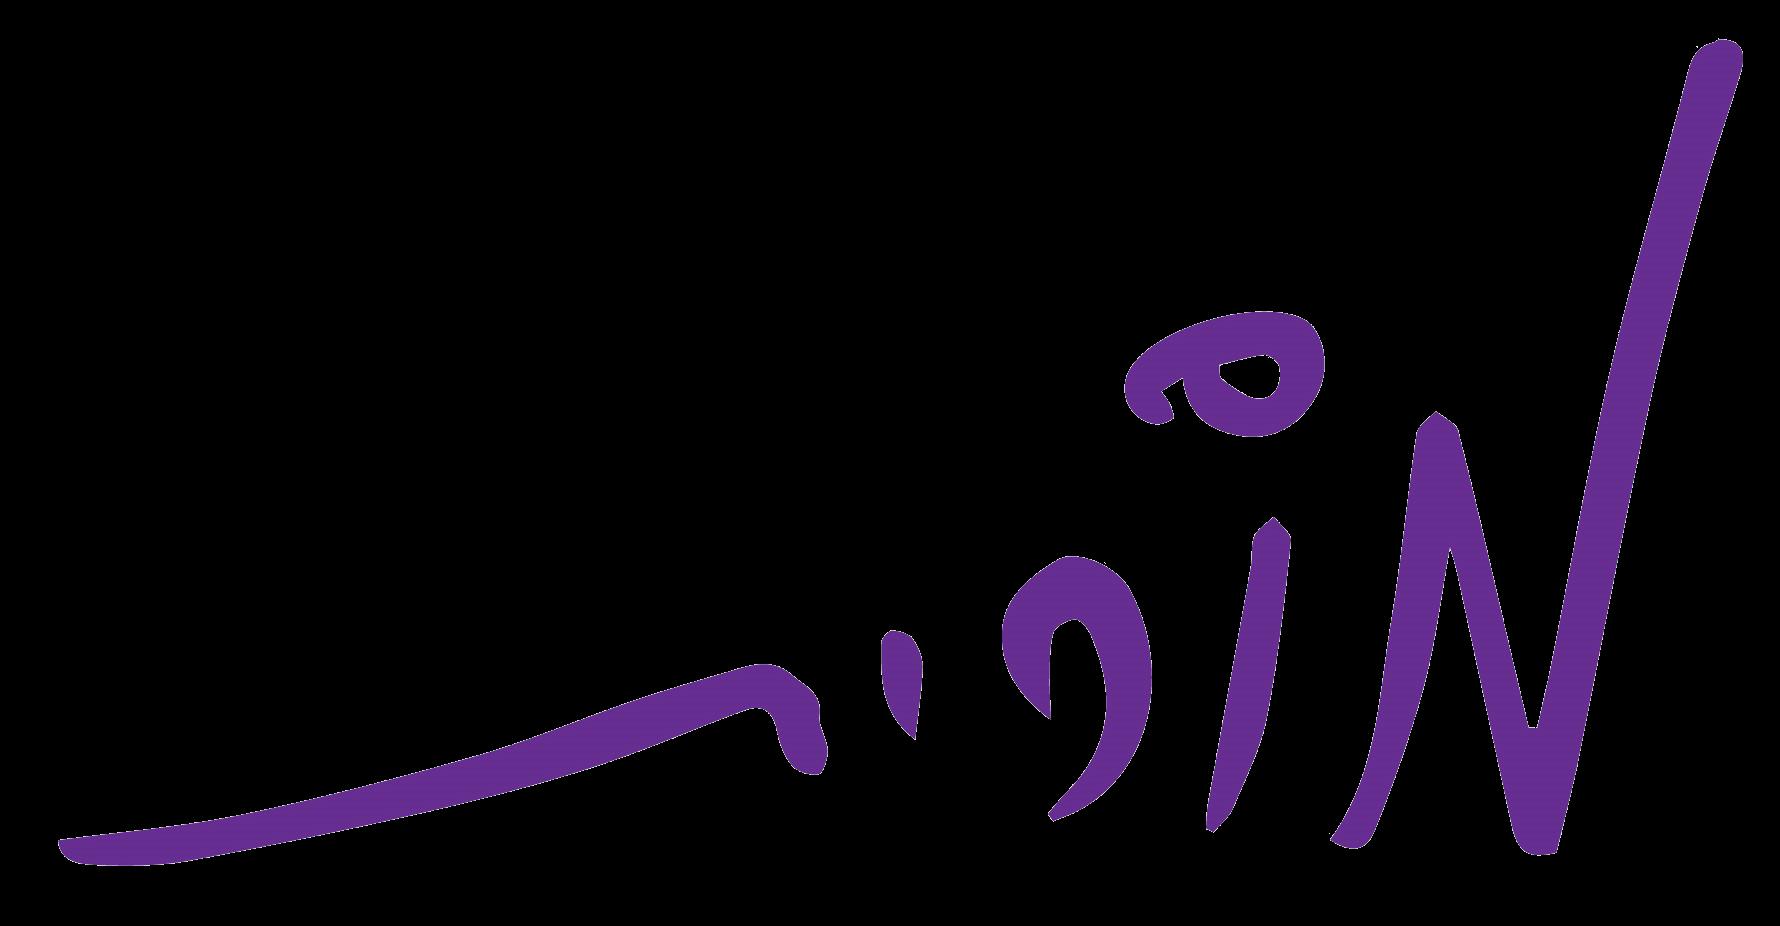 לוגו שקוף סגול